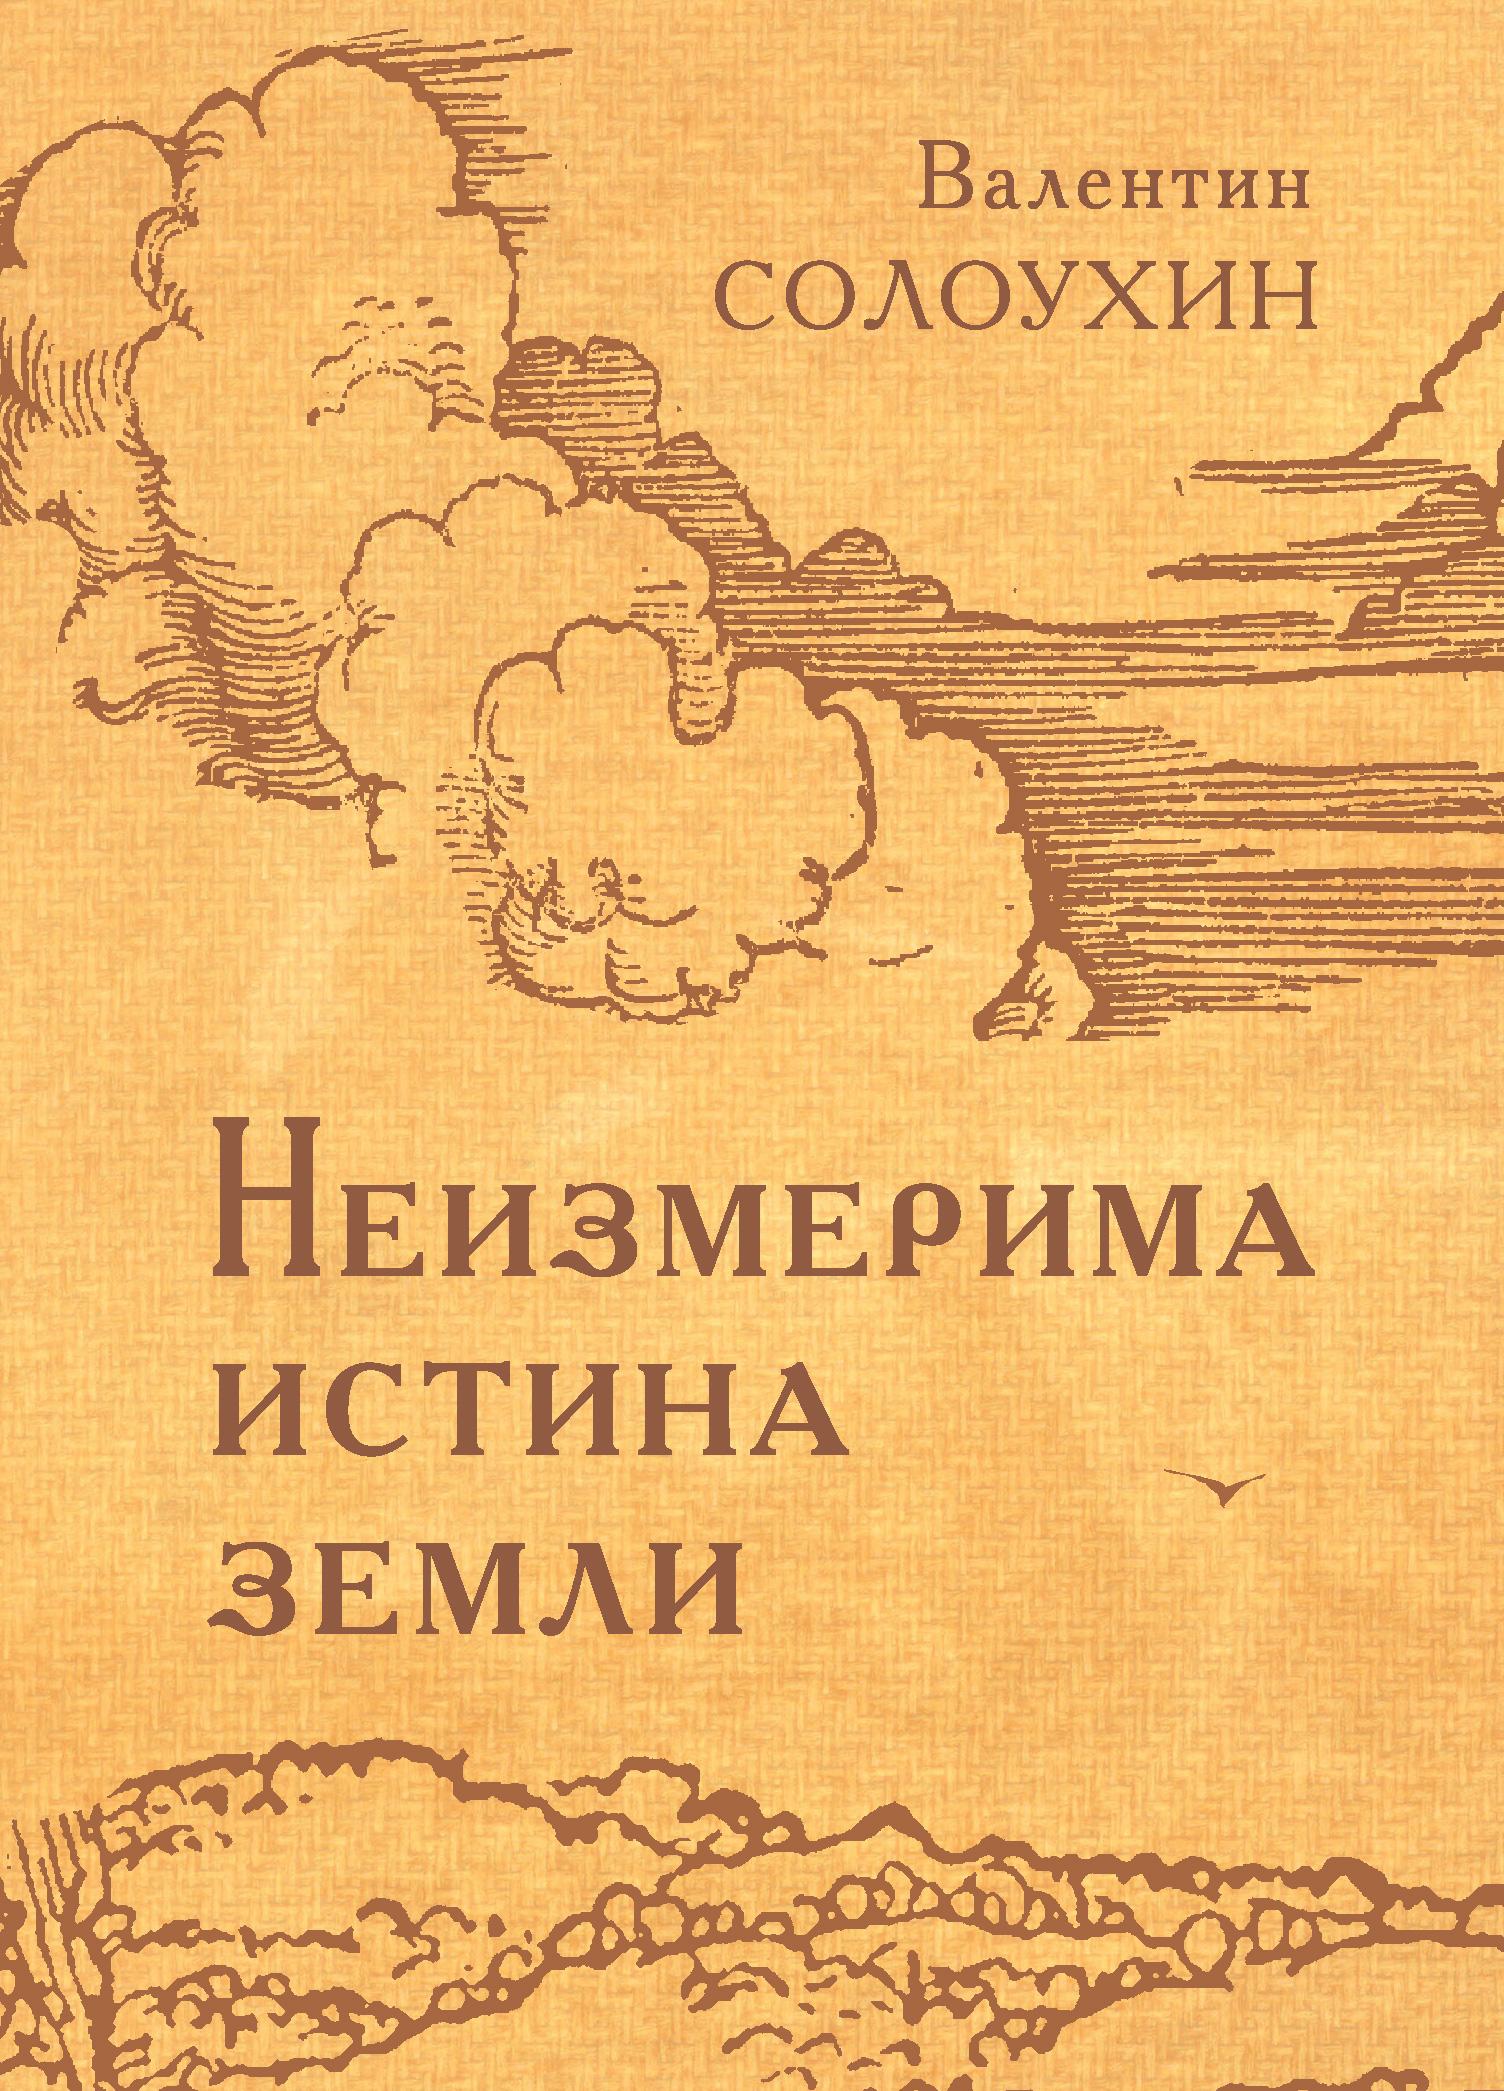 Валентин Солоухин Неизмерима истина земли сергей серафимович ерохин путь истина жизнь сборник христианских стихотворений